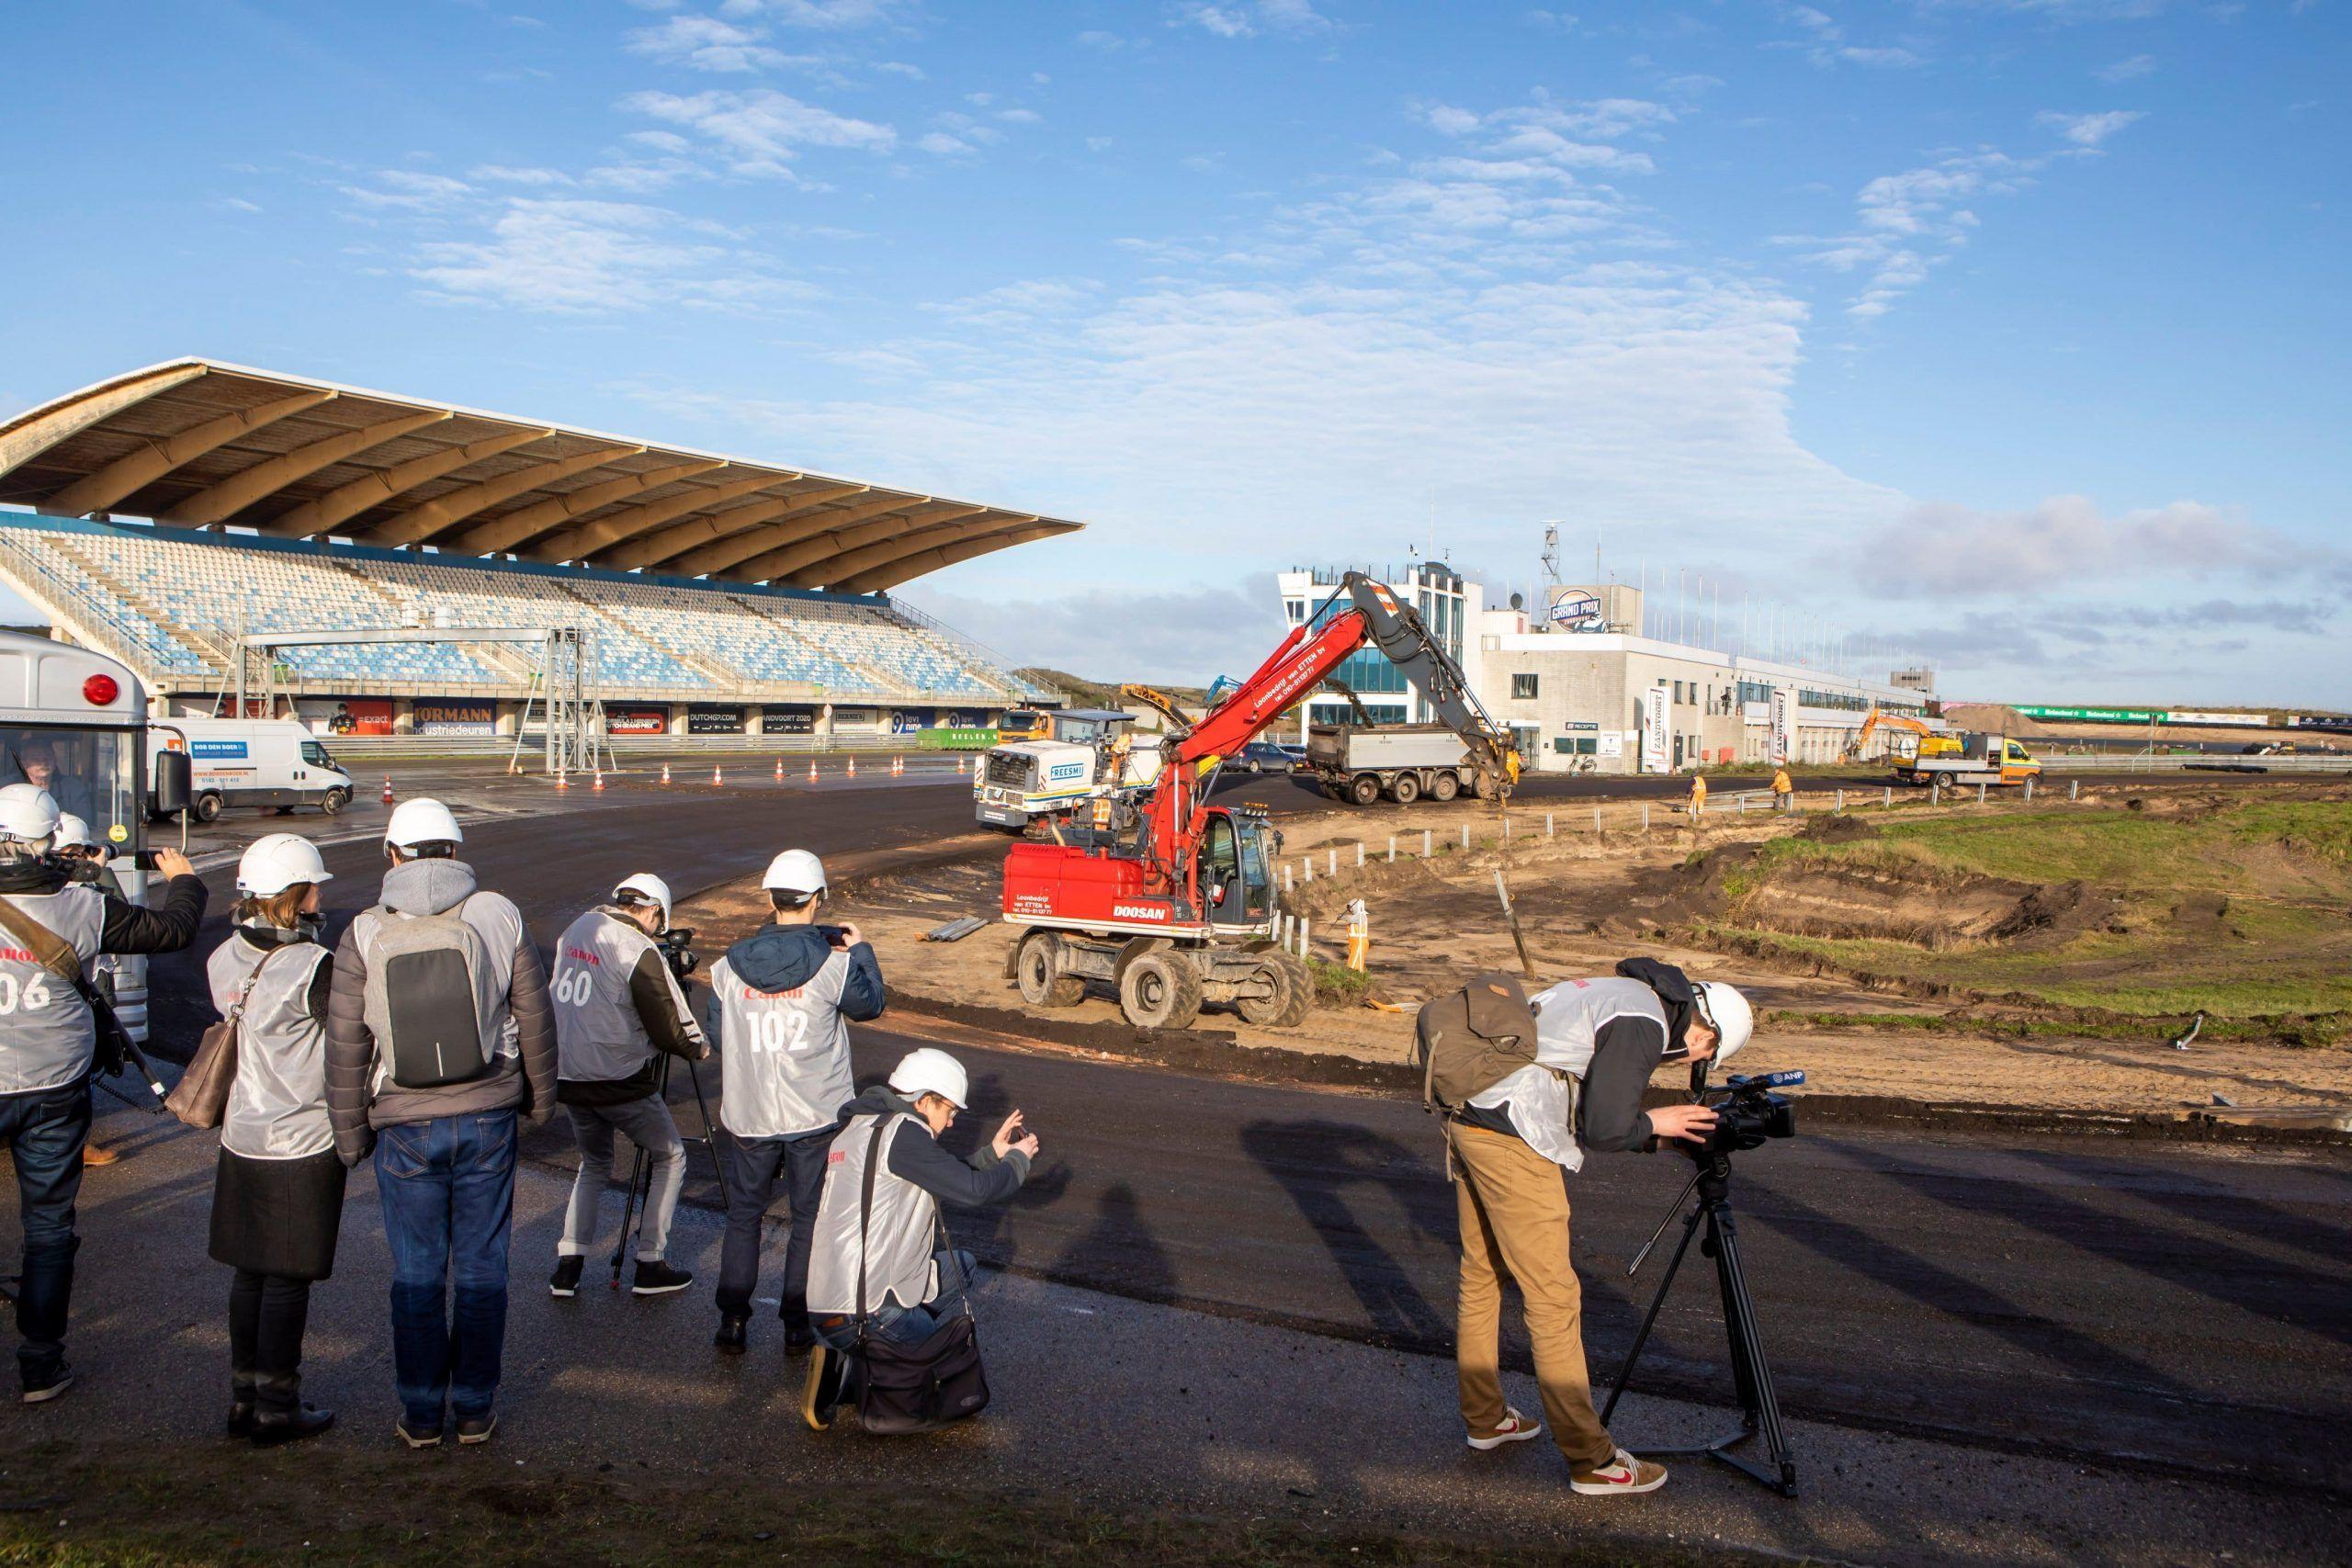 Zandvoort se convertirá en el trazado más exigente de Europa